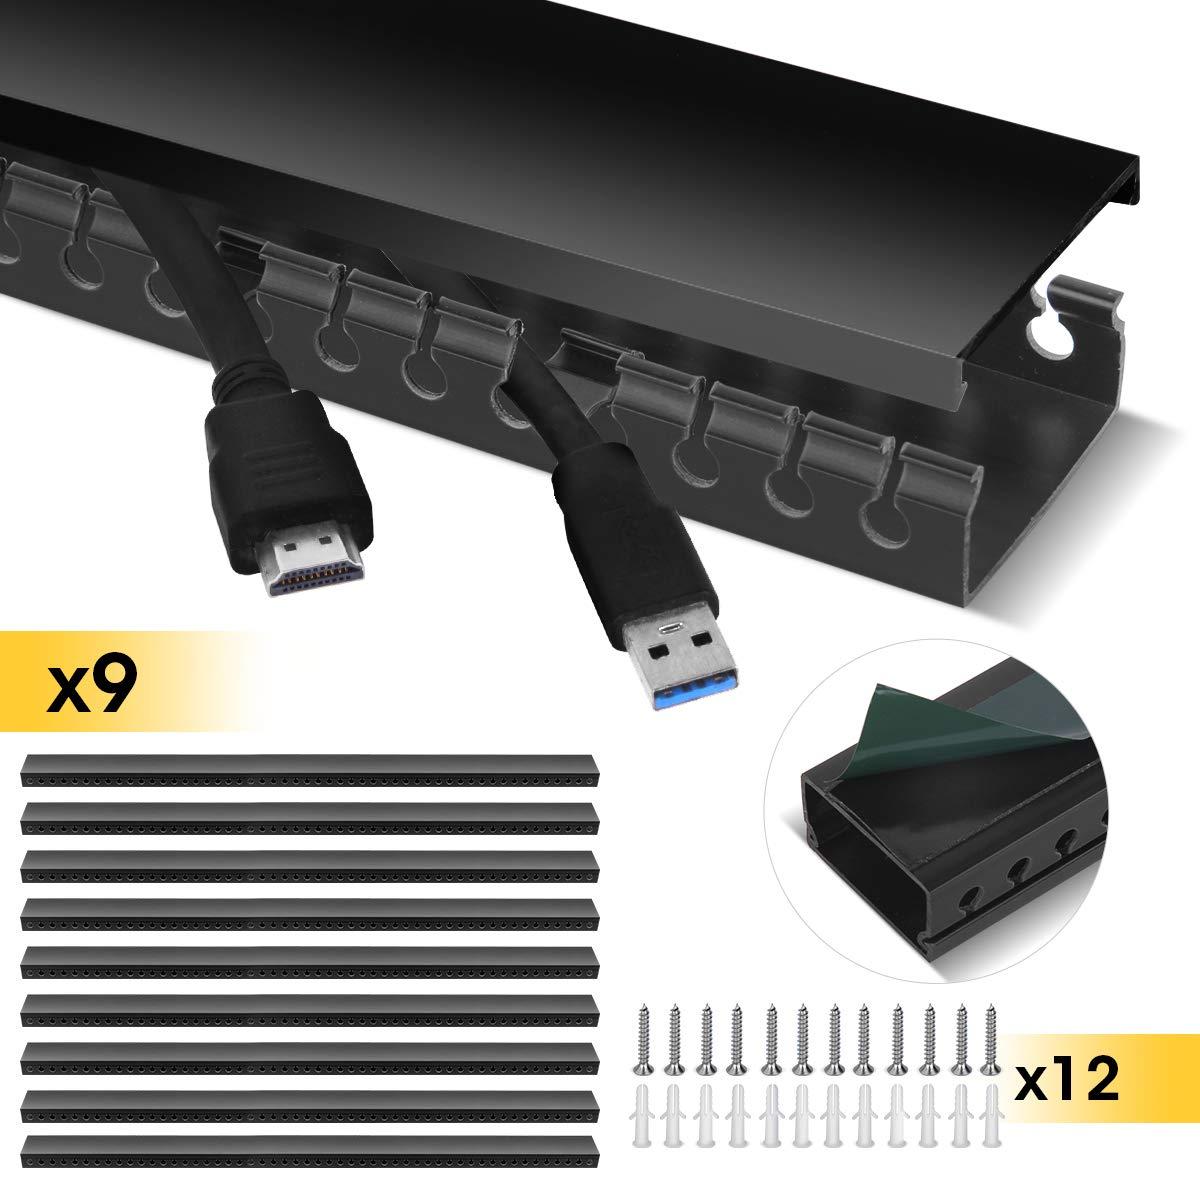 Cable Raceway Kit